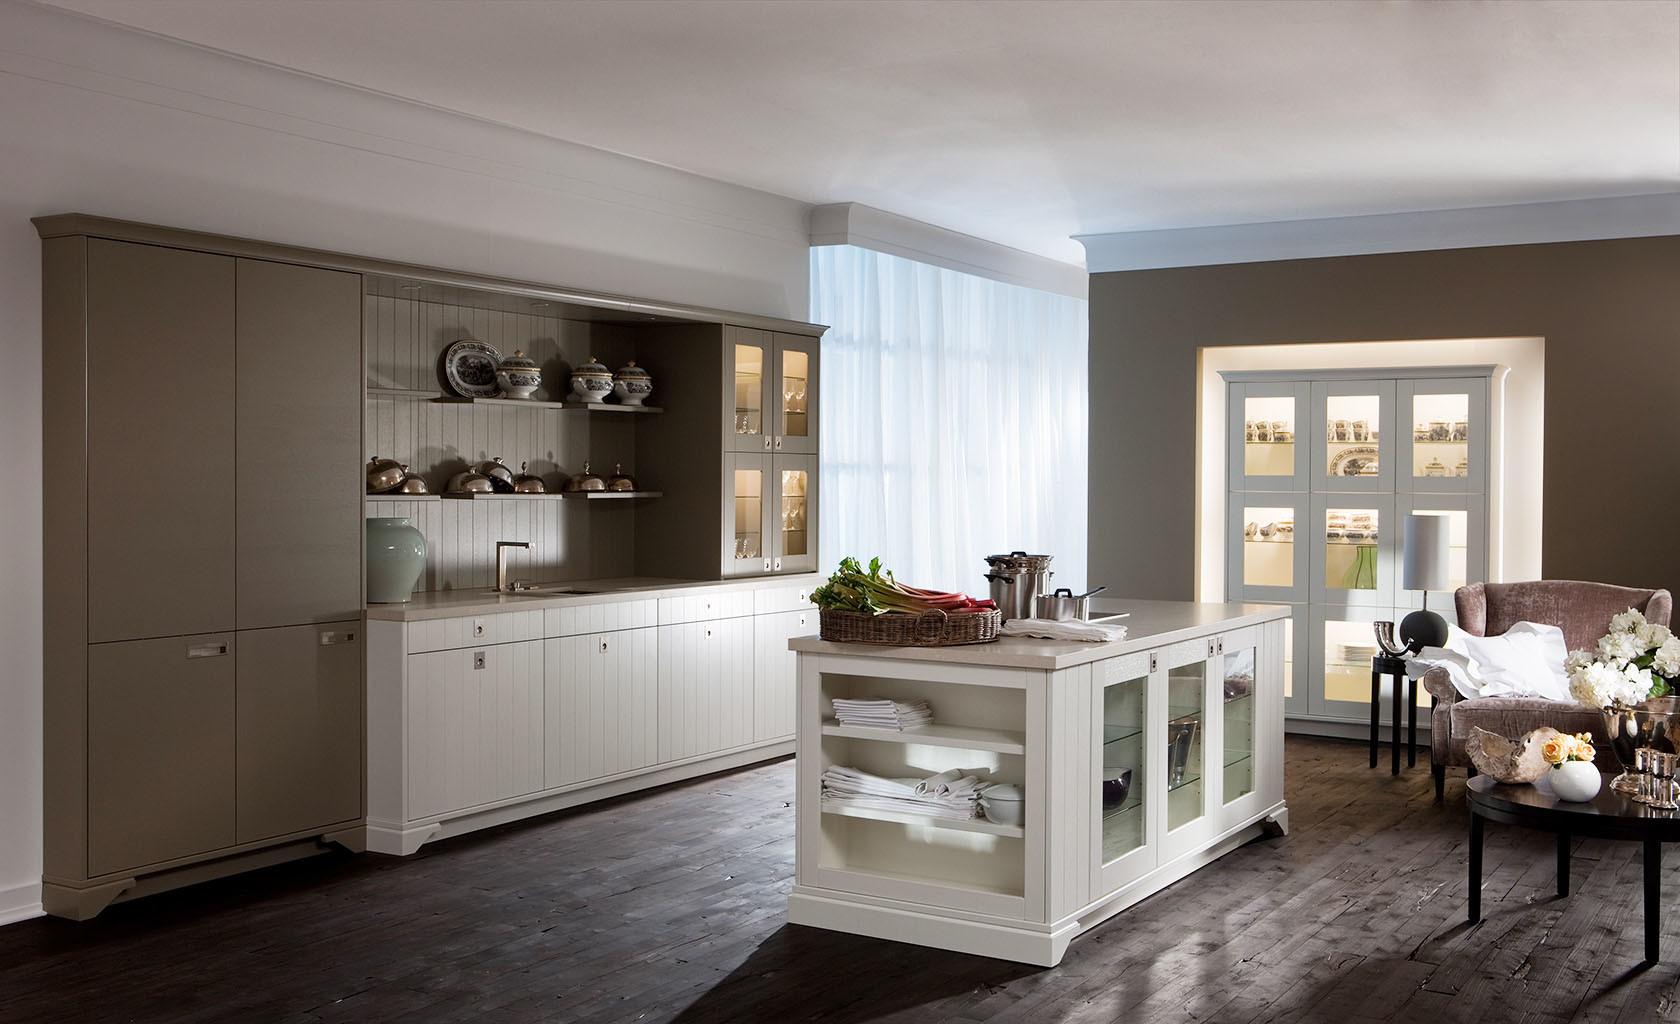 leicht küchen bei köln im rheinland einbauküchen-spezialist thiemann - Leicht Küchen Katalog